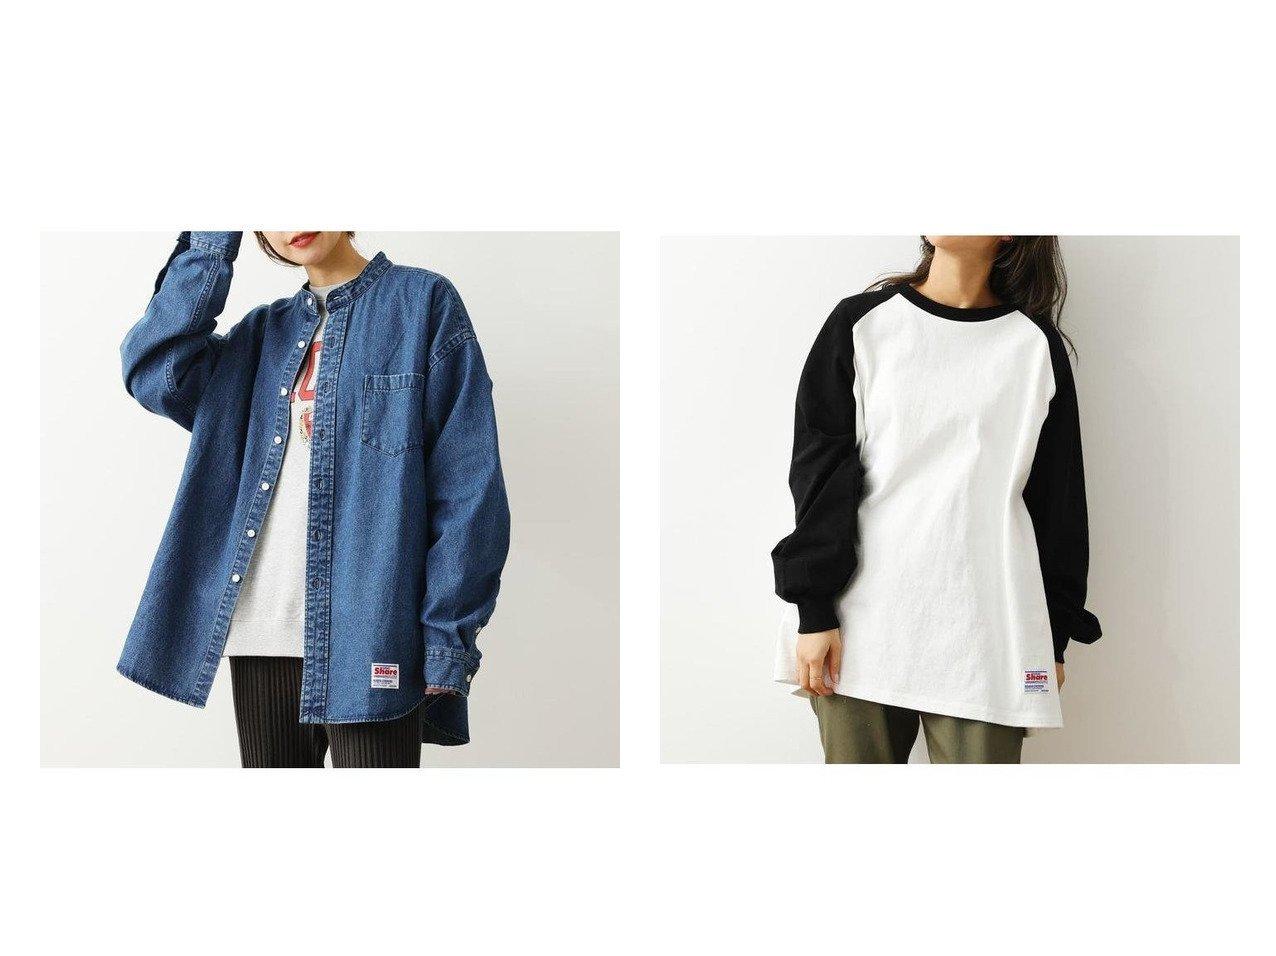 【RODEO CROWNS WIDE BOWL/ロデオクラウンズワイドボウル】のSHARE Band Collar BIG シャツ&SHARE ラグランスリーブS Tシャツ RODEO CROWNS WIDE BOWLのおすすめ!人気、トレンド・レディースファッションの通販  おすすめで人気の流行・トレンド、ファッションの通販商品 メンズファッション・キッズファッション・インテリア・家具・レディースファッション・服の通販 founy(ファニー) https://founy.com/ ファッション Fashion レディースファッション WOMEN トップス カットソー Tops Tshirt シャツ/ブラウス Shirts Blouses ロング / Tシャツ T-Shirts カットソー Cut and Sewn NEW・新作・新着・新入荷 New Arrivals UNISEX スタンド トレンド スリーブ ロング 定番 Standard 春 Spring |ID:crp329100000020142